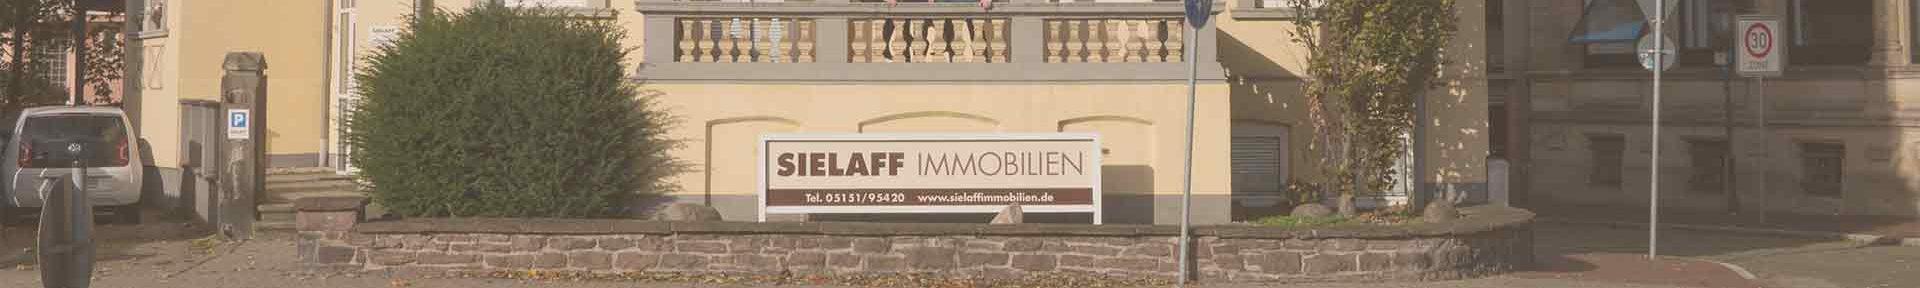 Sielaff Immobilien - Büroadresse